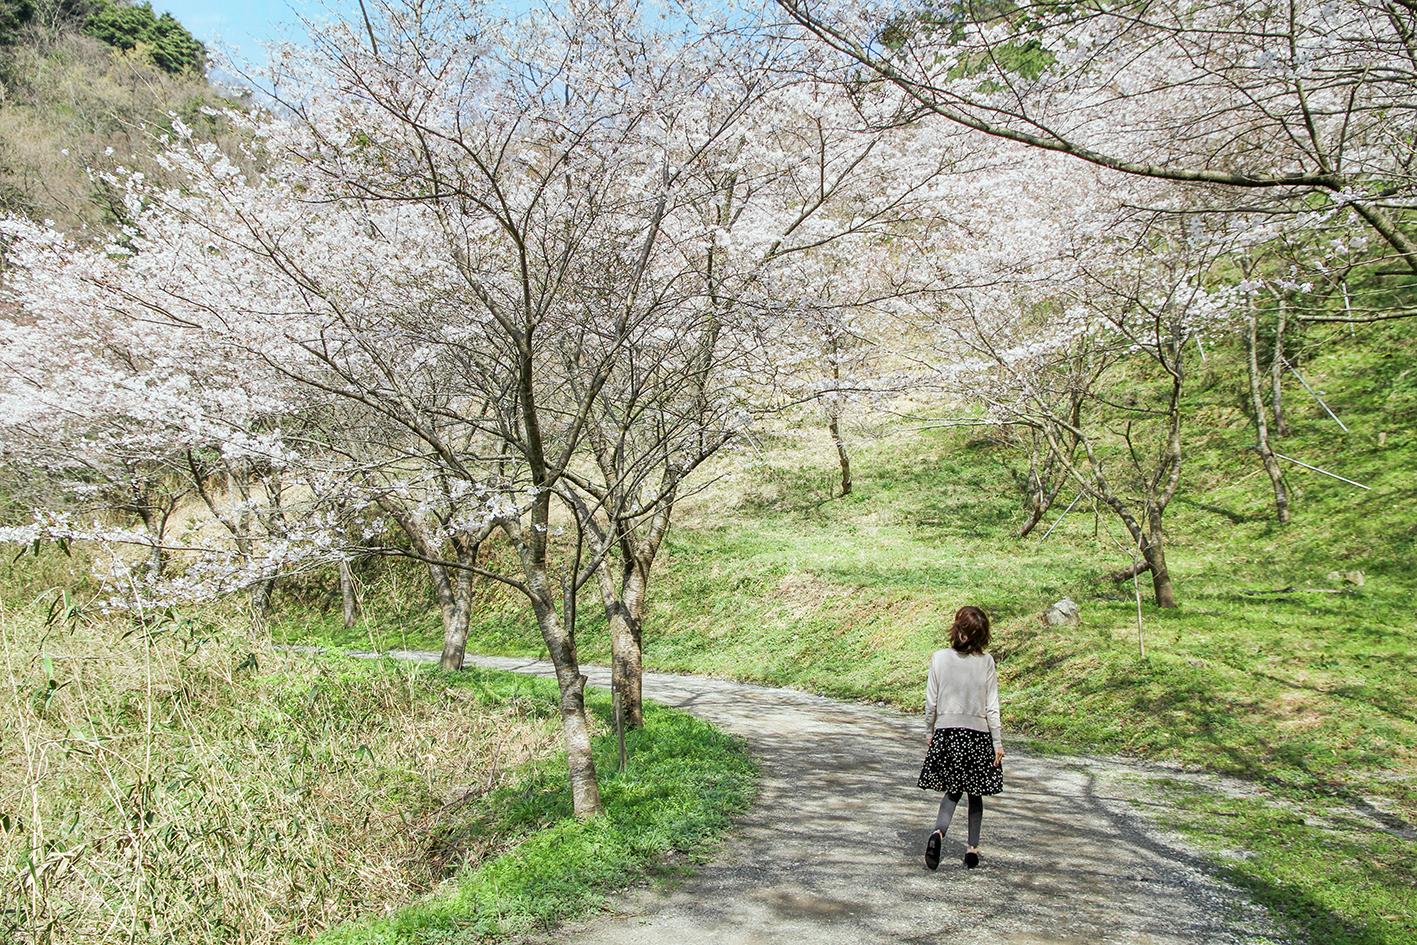 味⾒峠桜公園の桜